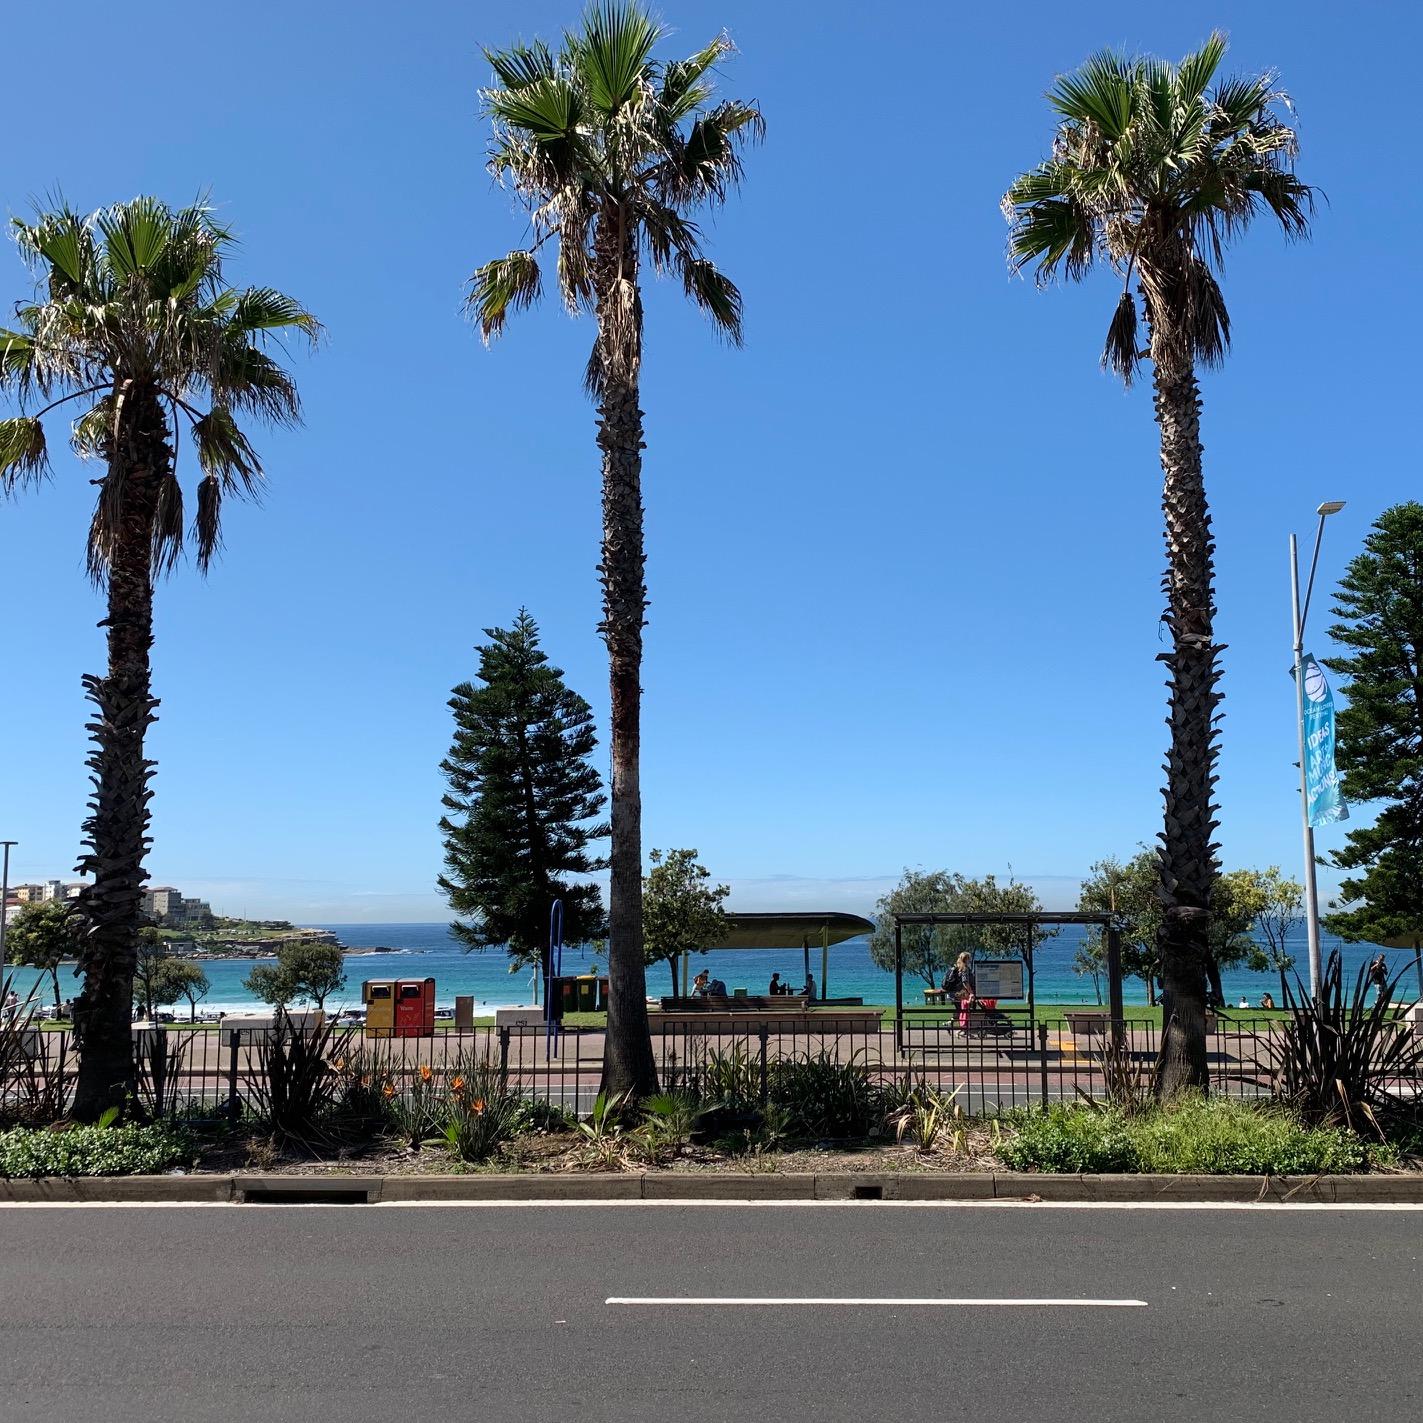 オーストラリア Sydney シドニー ボンダイビーチ BONDI BEACH BONDI ボンダイ